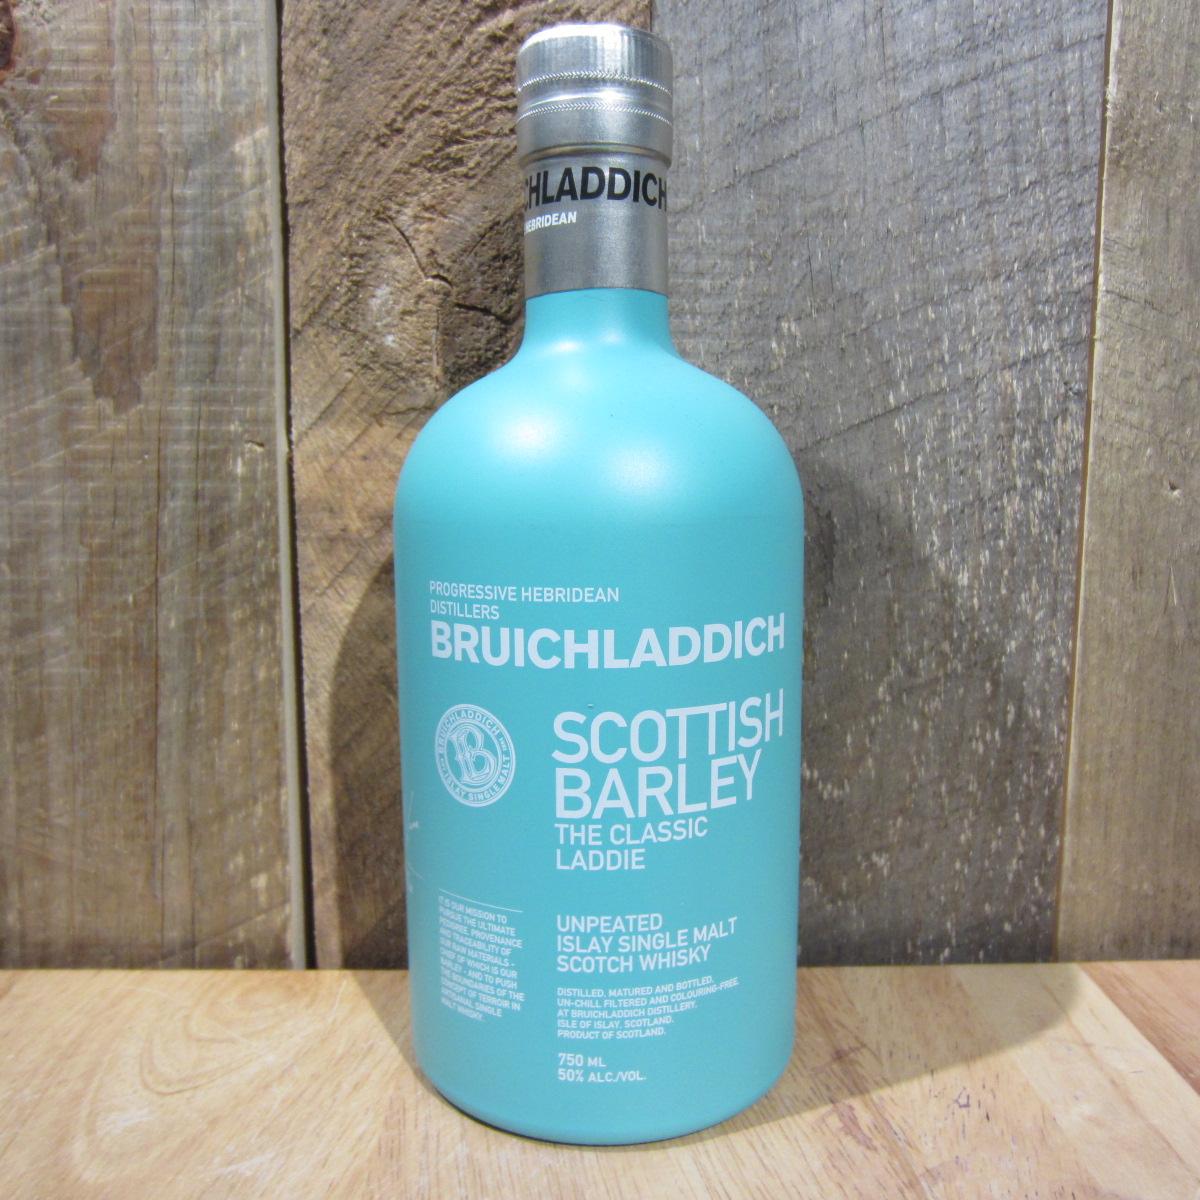 Bruichladdich Scotch Barley The Laddie 750ml